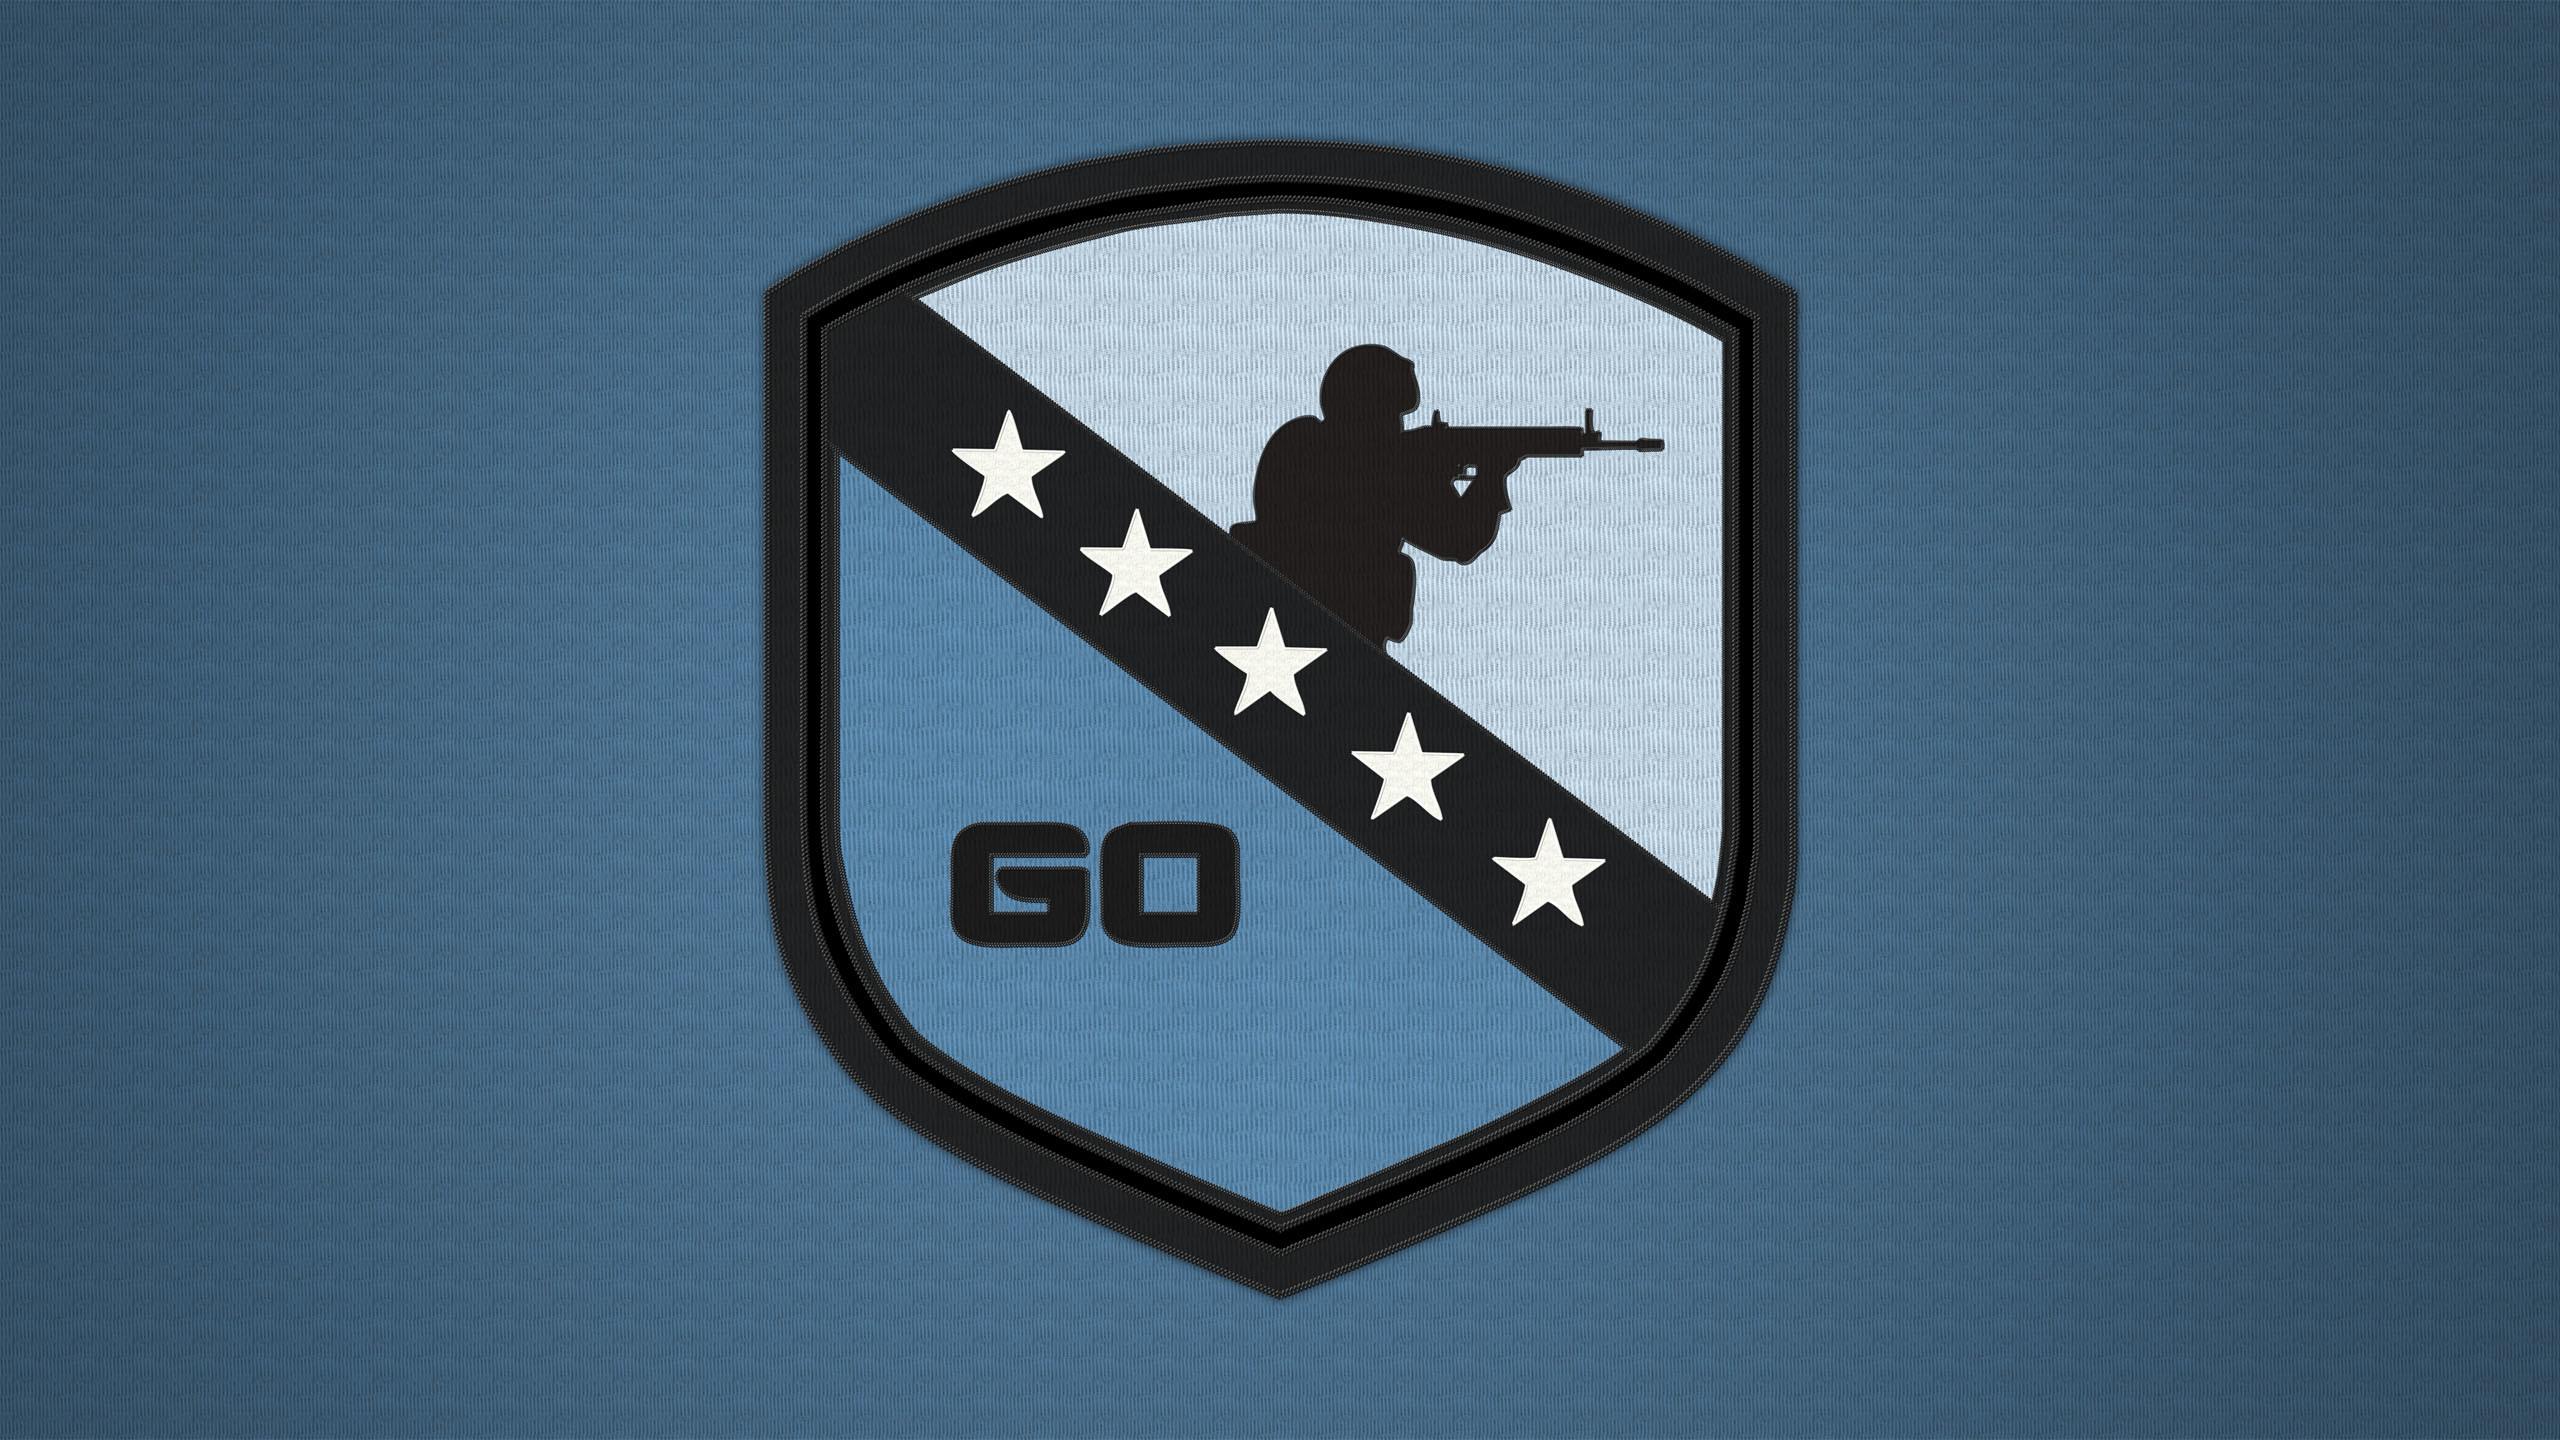 Counter Strike Global Offensive – CS Go wallpaper 15 | WallpapersBQ